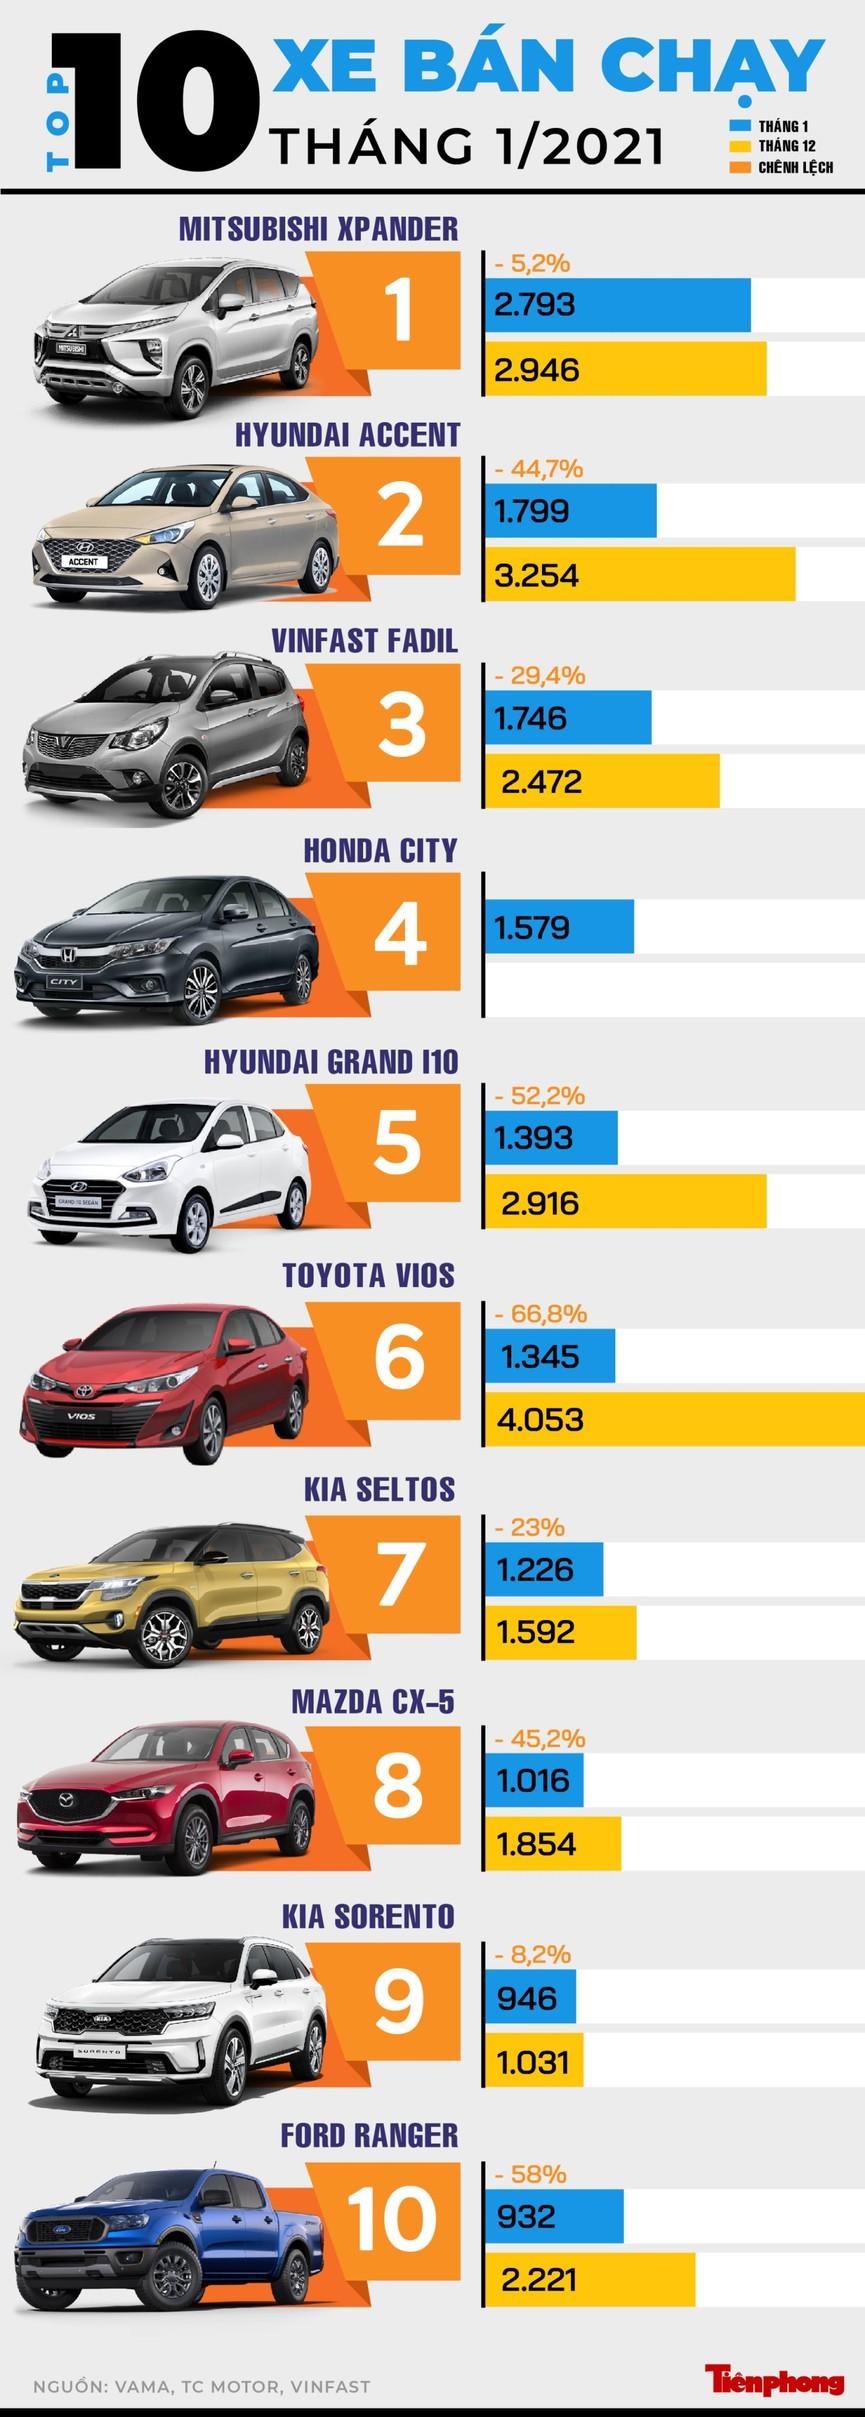 Top 10 mẫu xe bán chạy nhất tháng 1 - ảnh 1